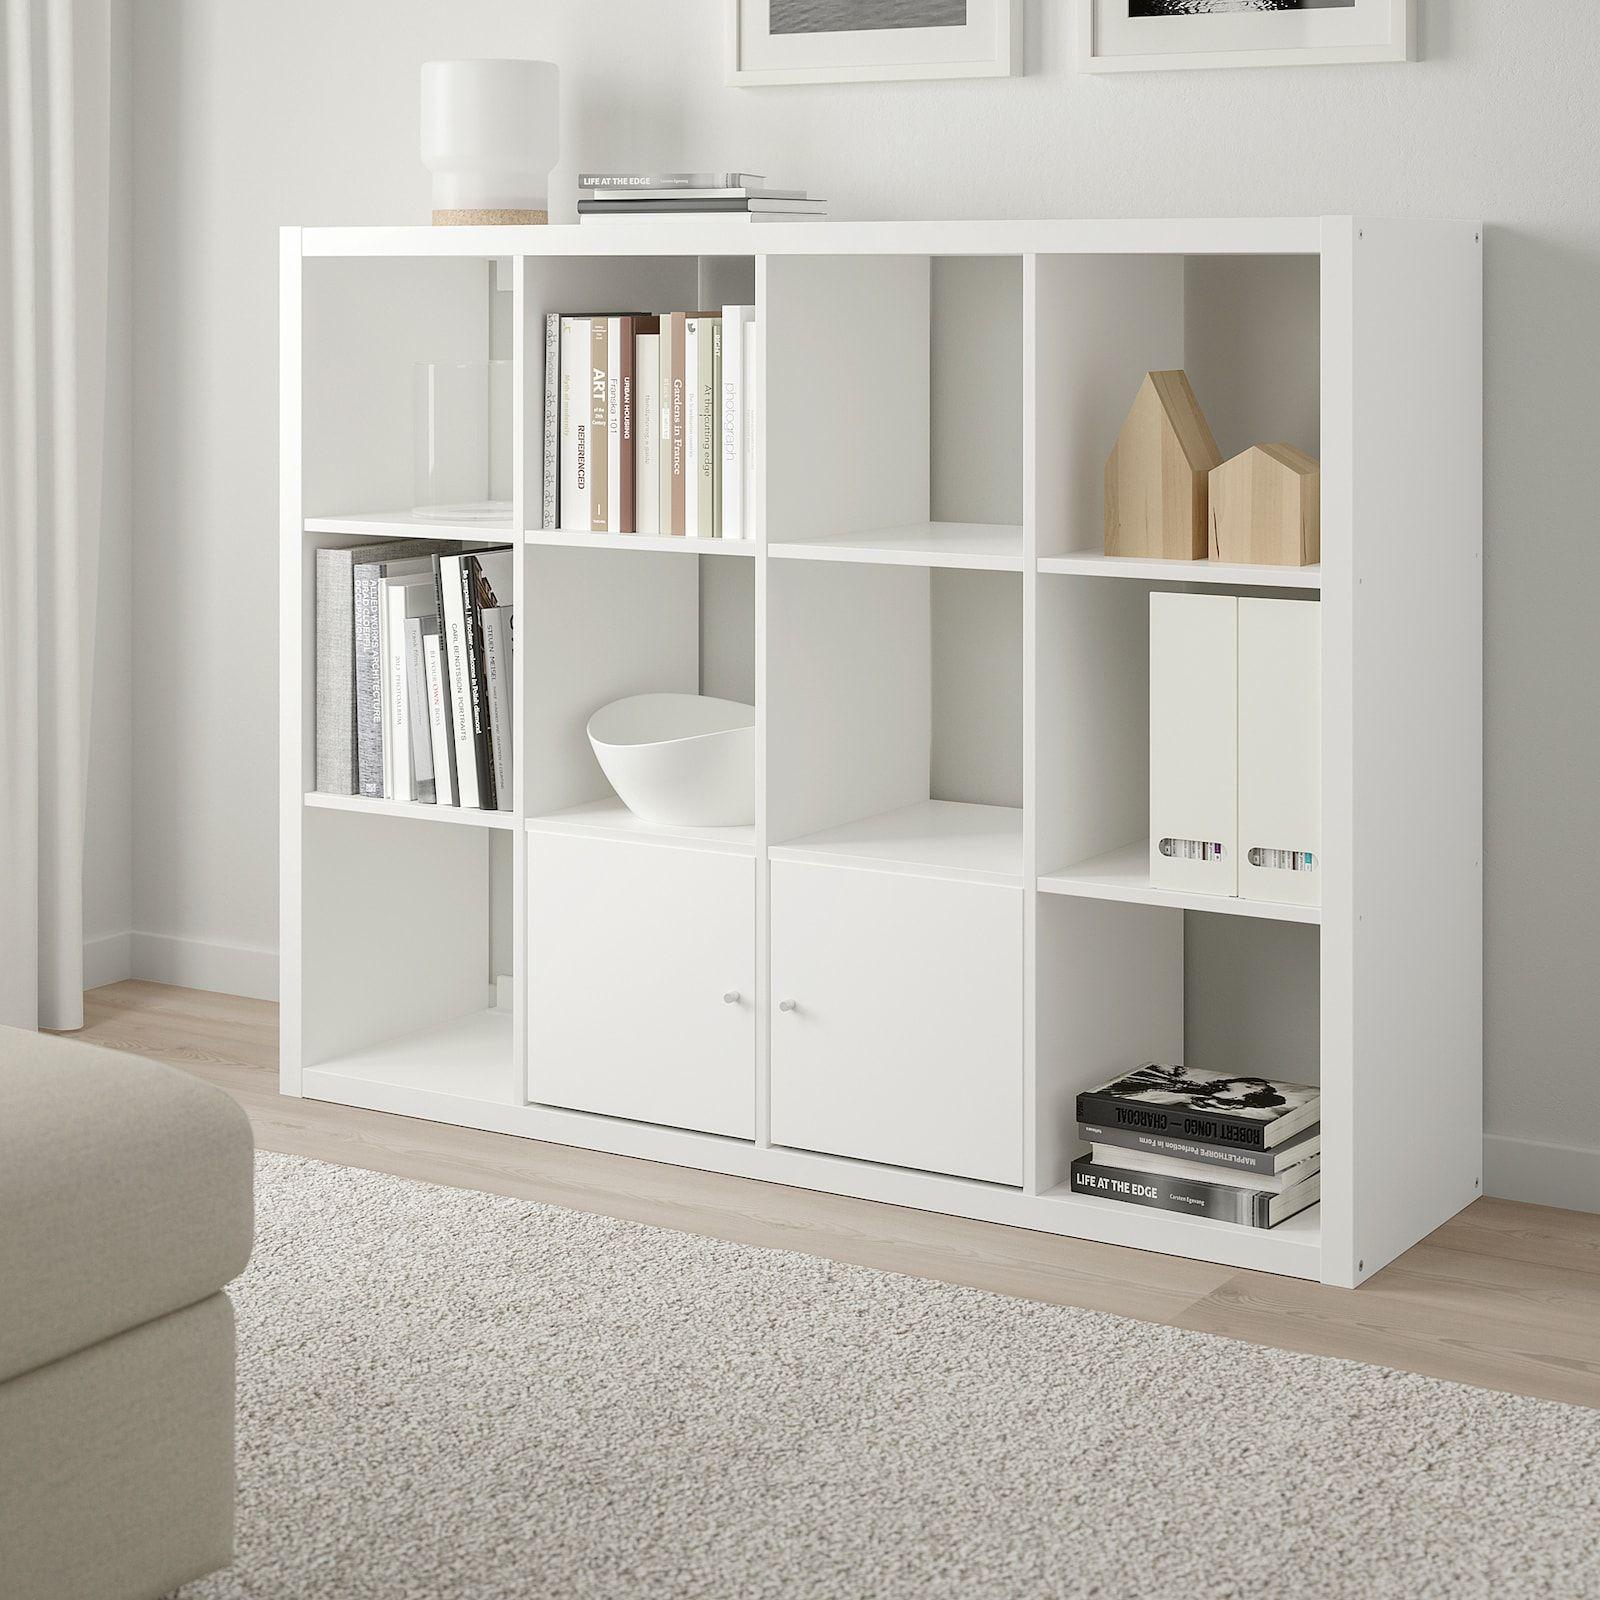 Kallax Shelf Unit White 44 1 8x57 7 8 Ikea In 2020 Ikea